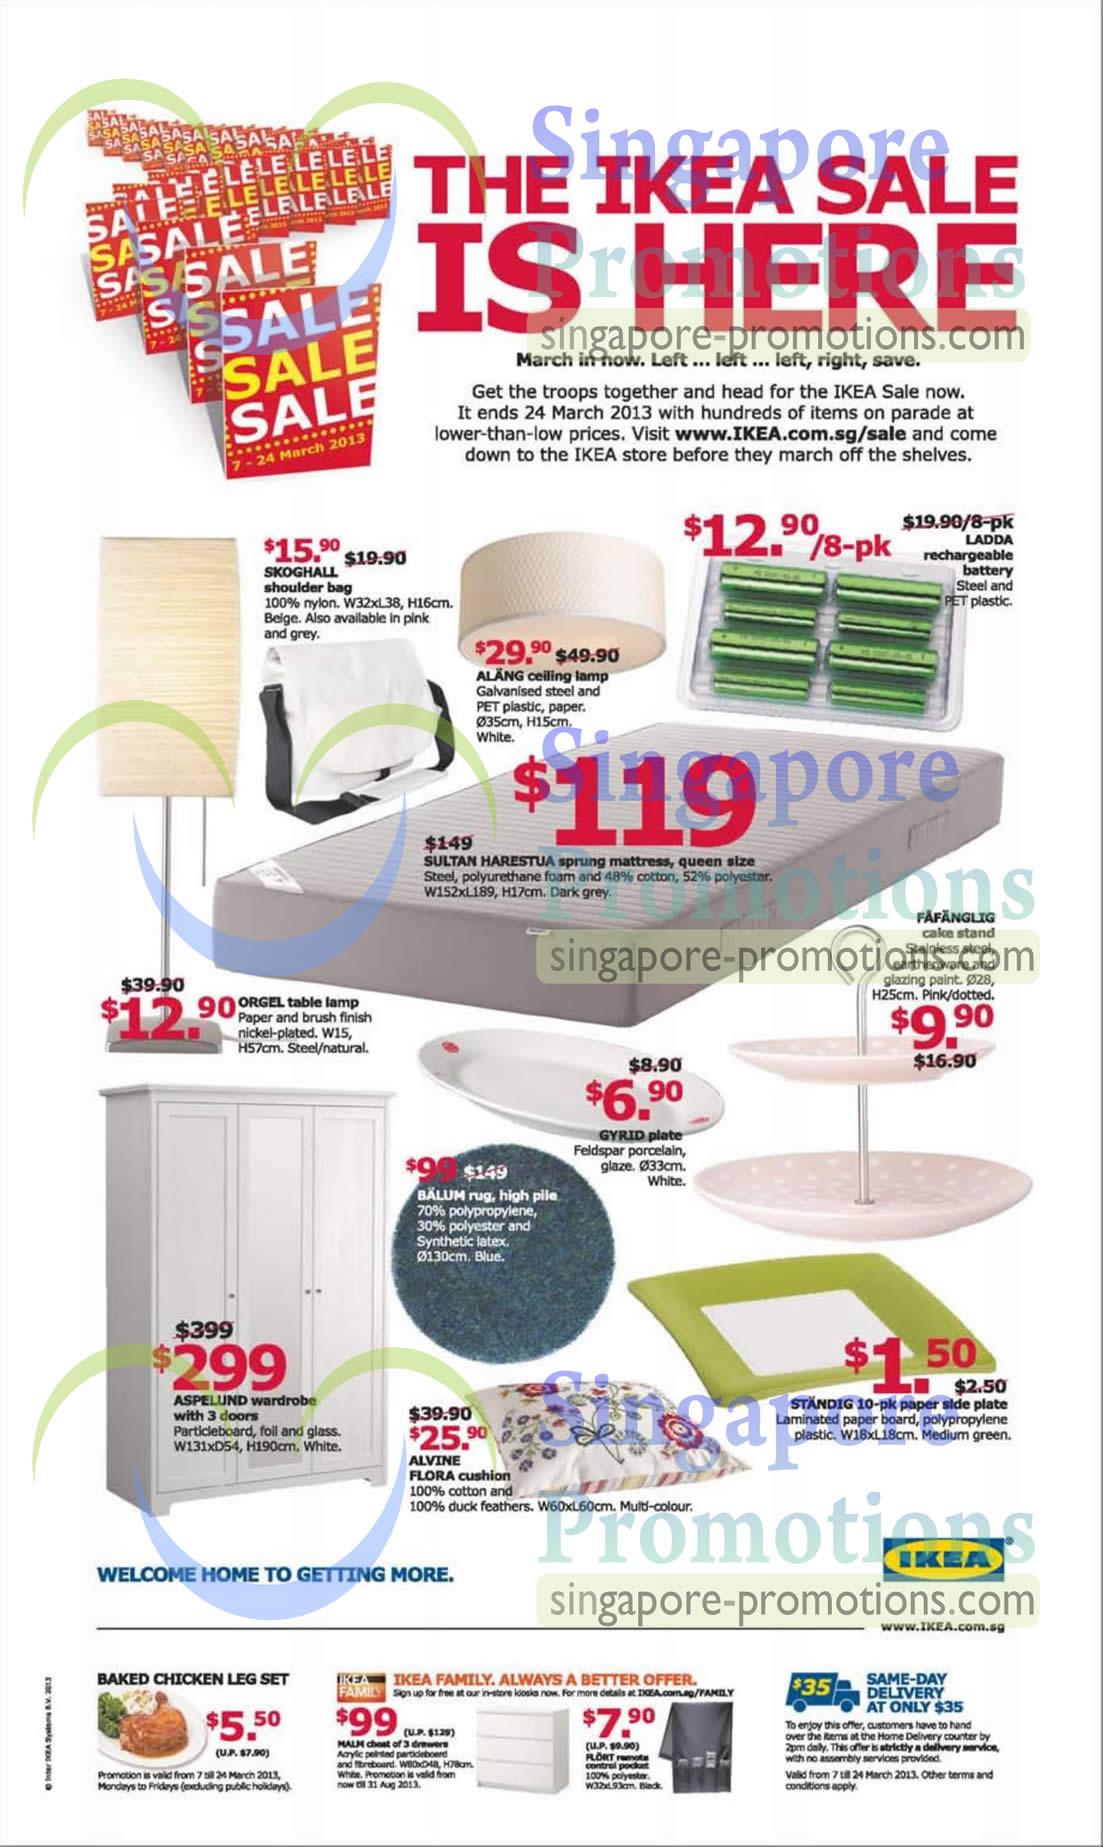 Ikea Sultan Harestua Sprung Mattress, Ikea Balum rug and Ikea Aspelund wardrobe